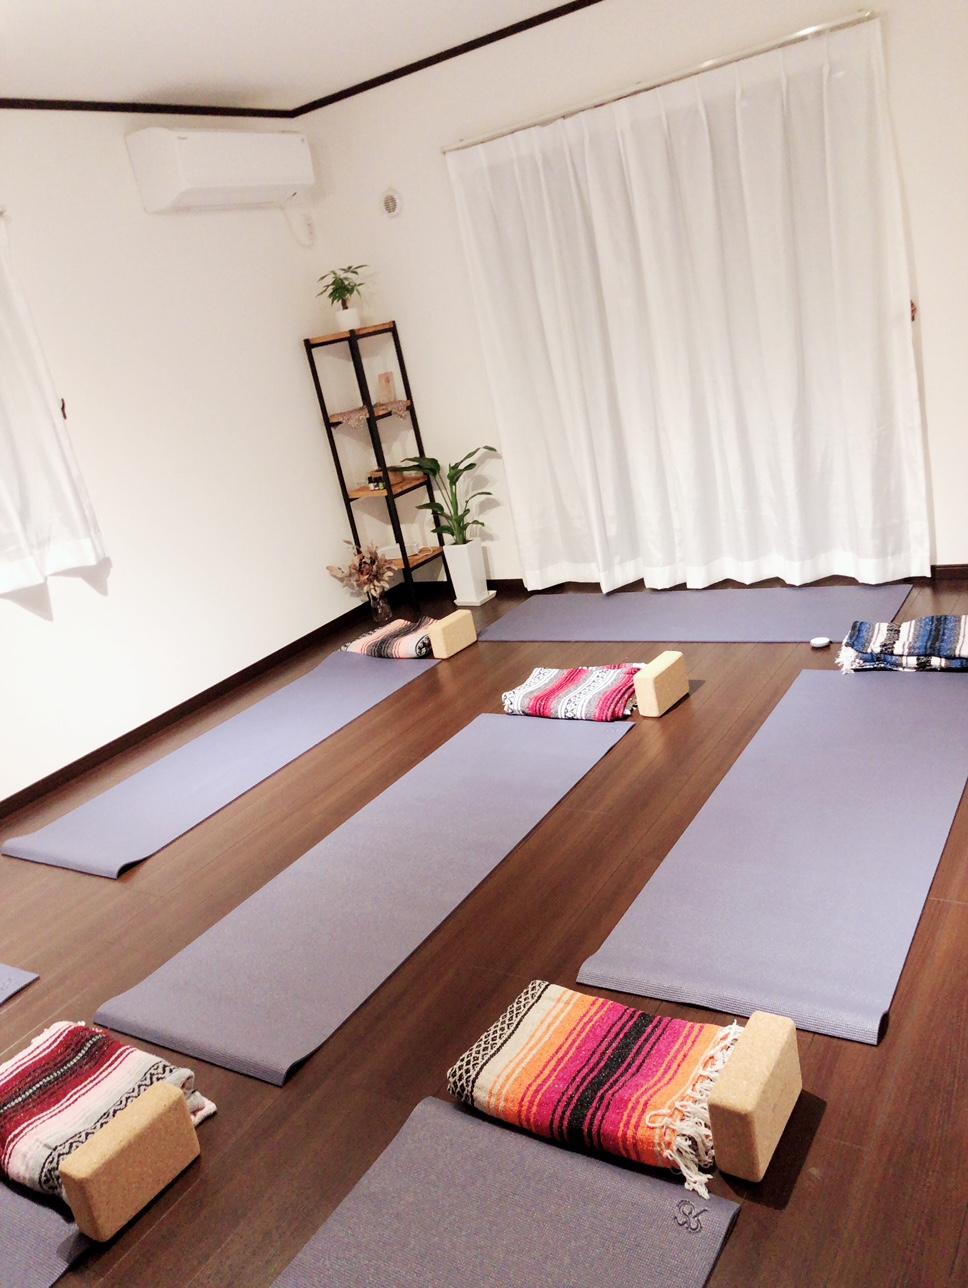 オルタナヨガスタジオ Alterna yoga studio